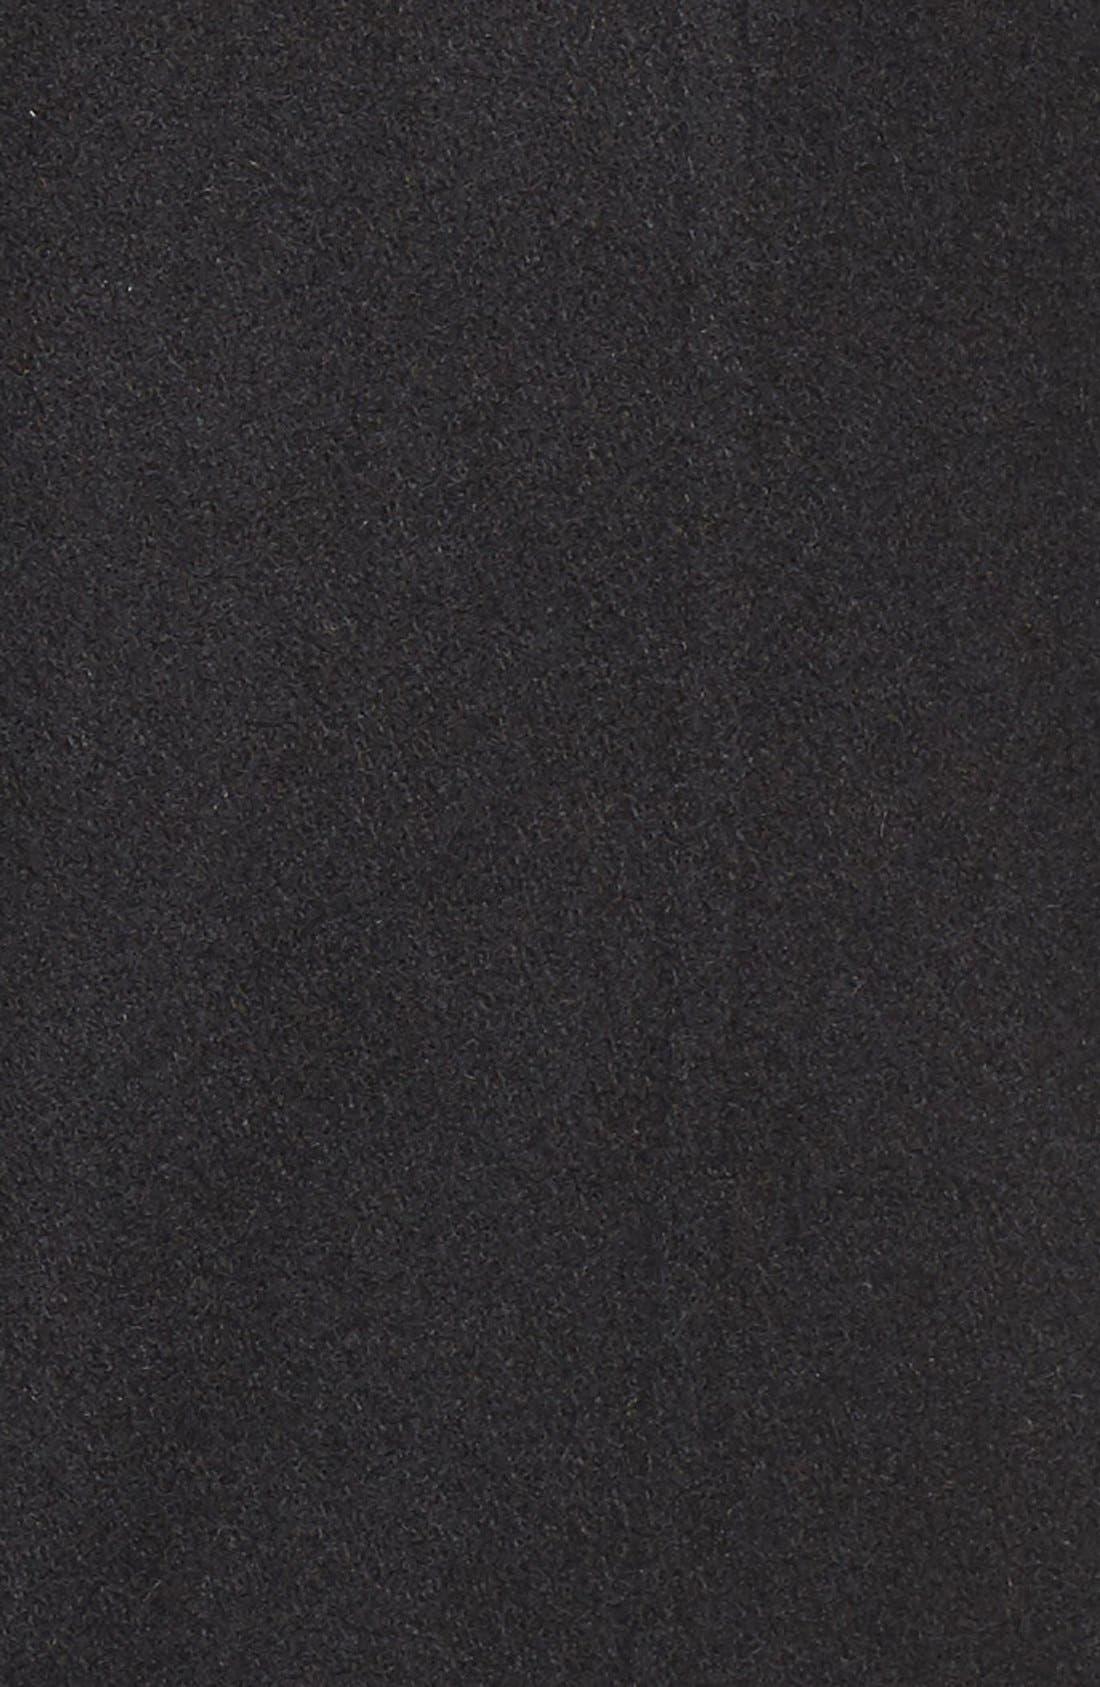 VIA SPIGA, Wool Blend Coat with Faux Fur Trim, Alternate thumbnail 5, color, 001